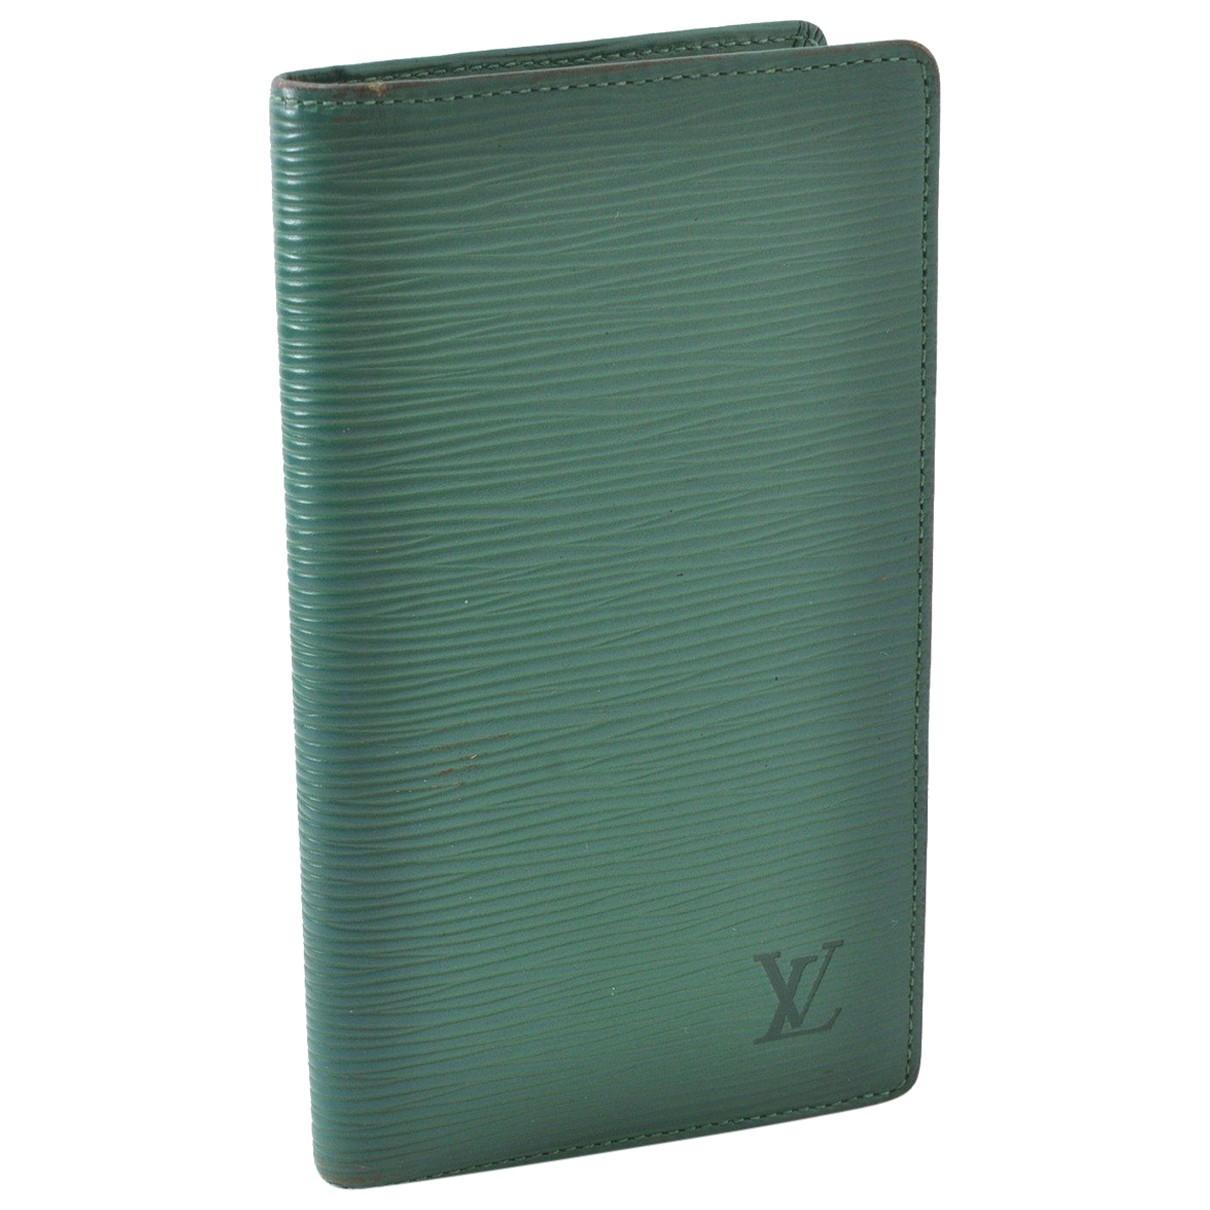 Louis Vuitton \N Portemonnaie in  Gruen Leder